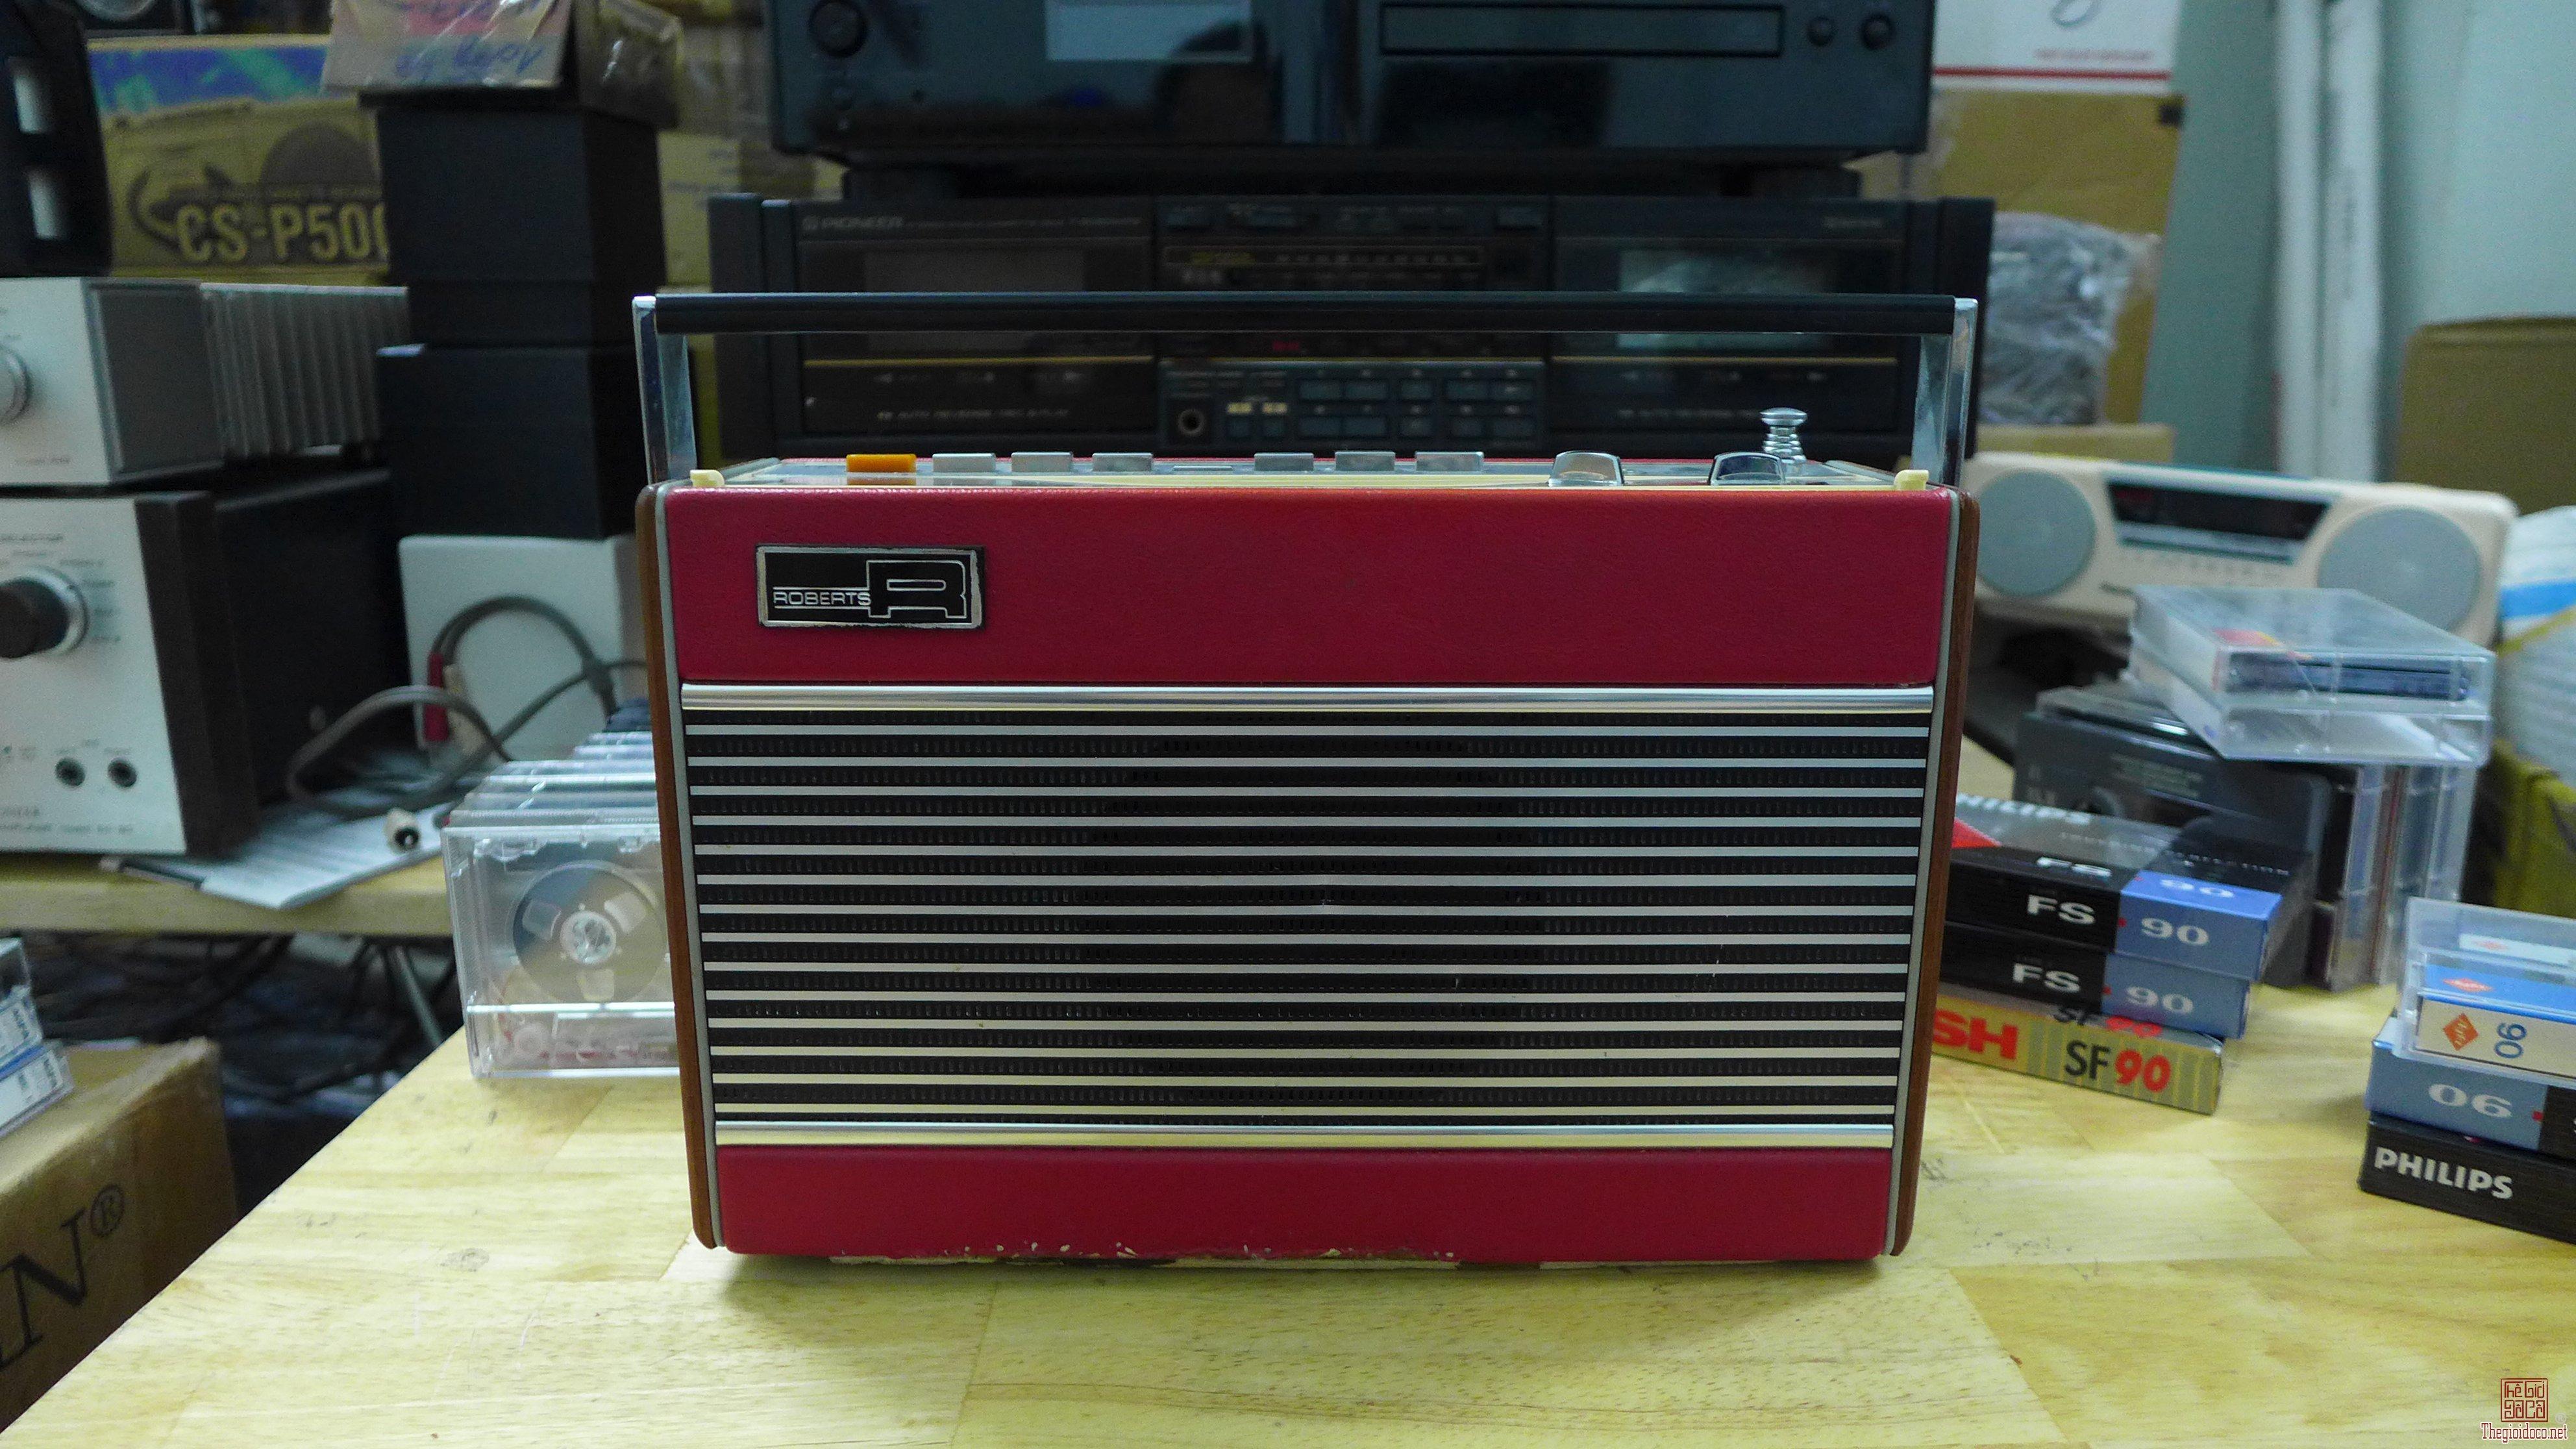 HCM - Q10 - Bán radio Robert RP-26-B. UK